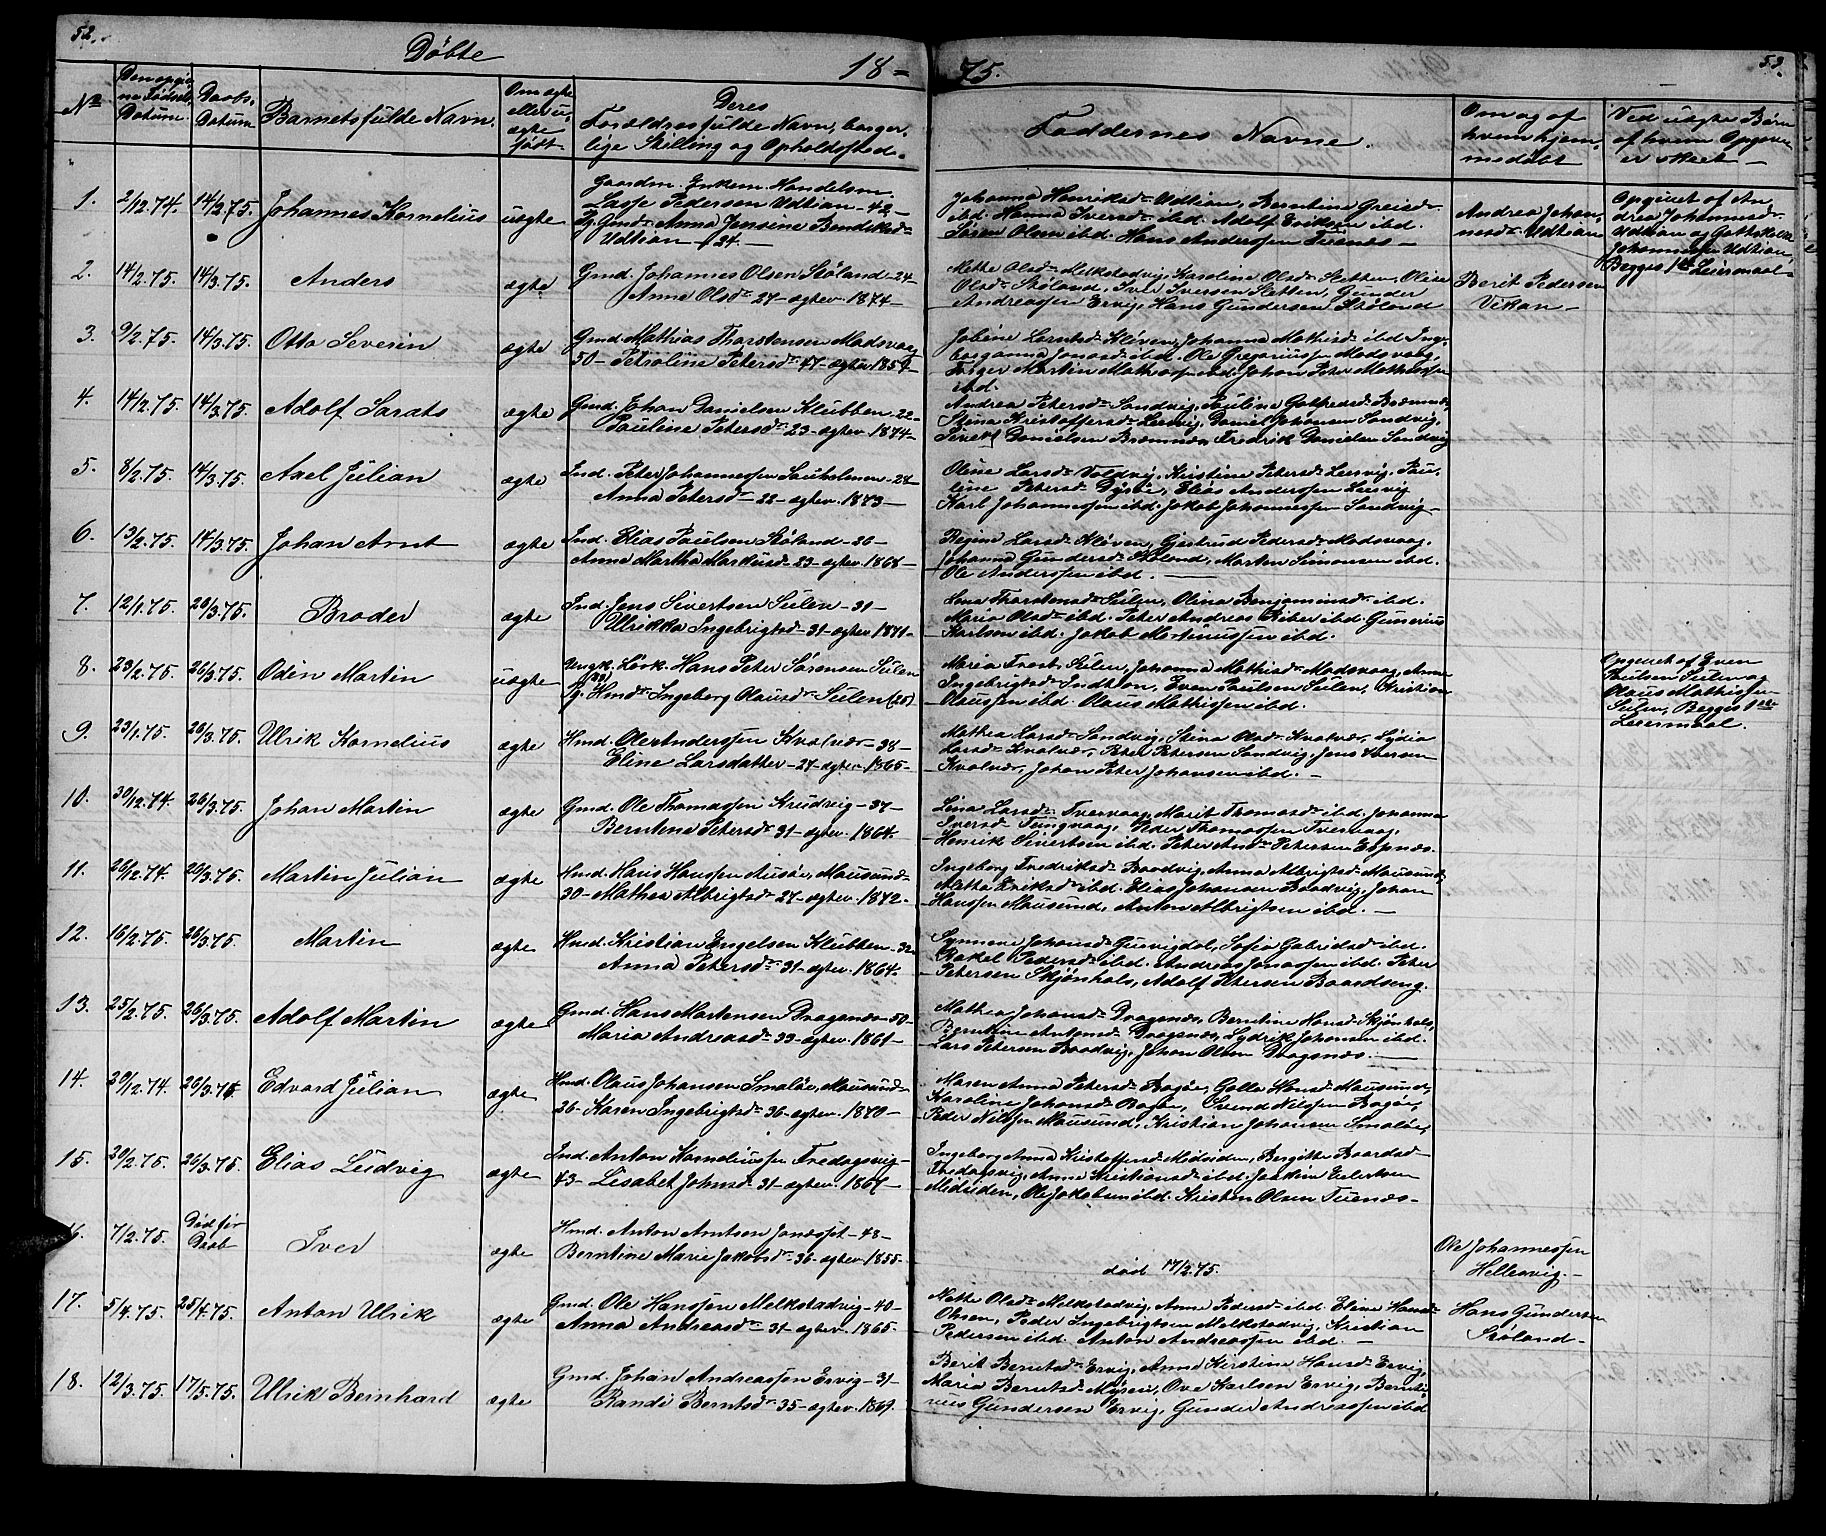 SAT, Ministerialprotokoller, klokkerbøker og fødselsregistre - Sør-Trøndelag, 640/L0583: Klokkerbok nr. 640C01, 1866-1877, s. 52-53